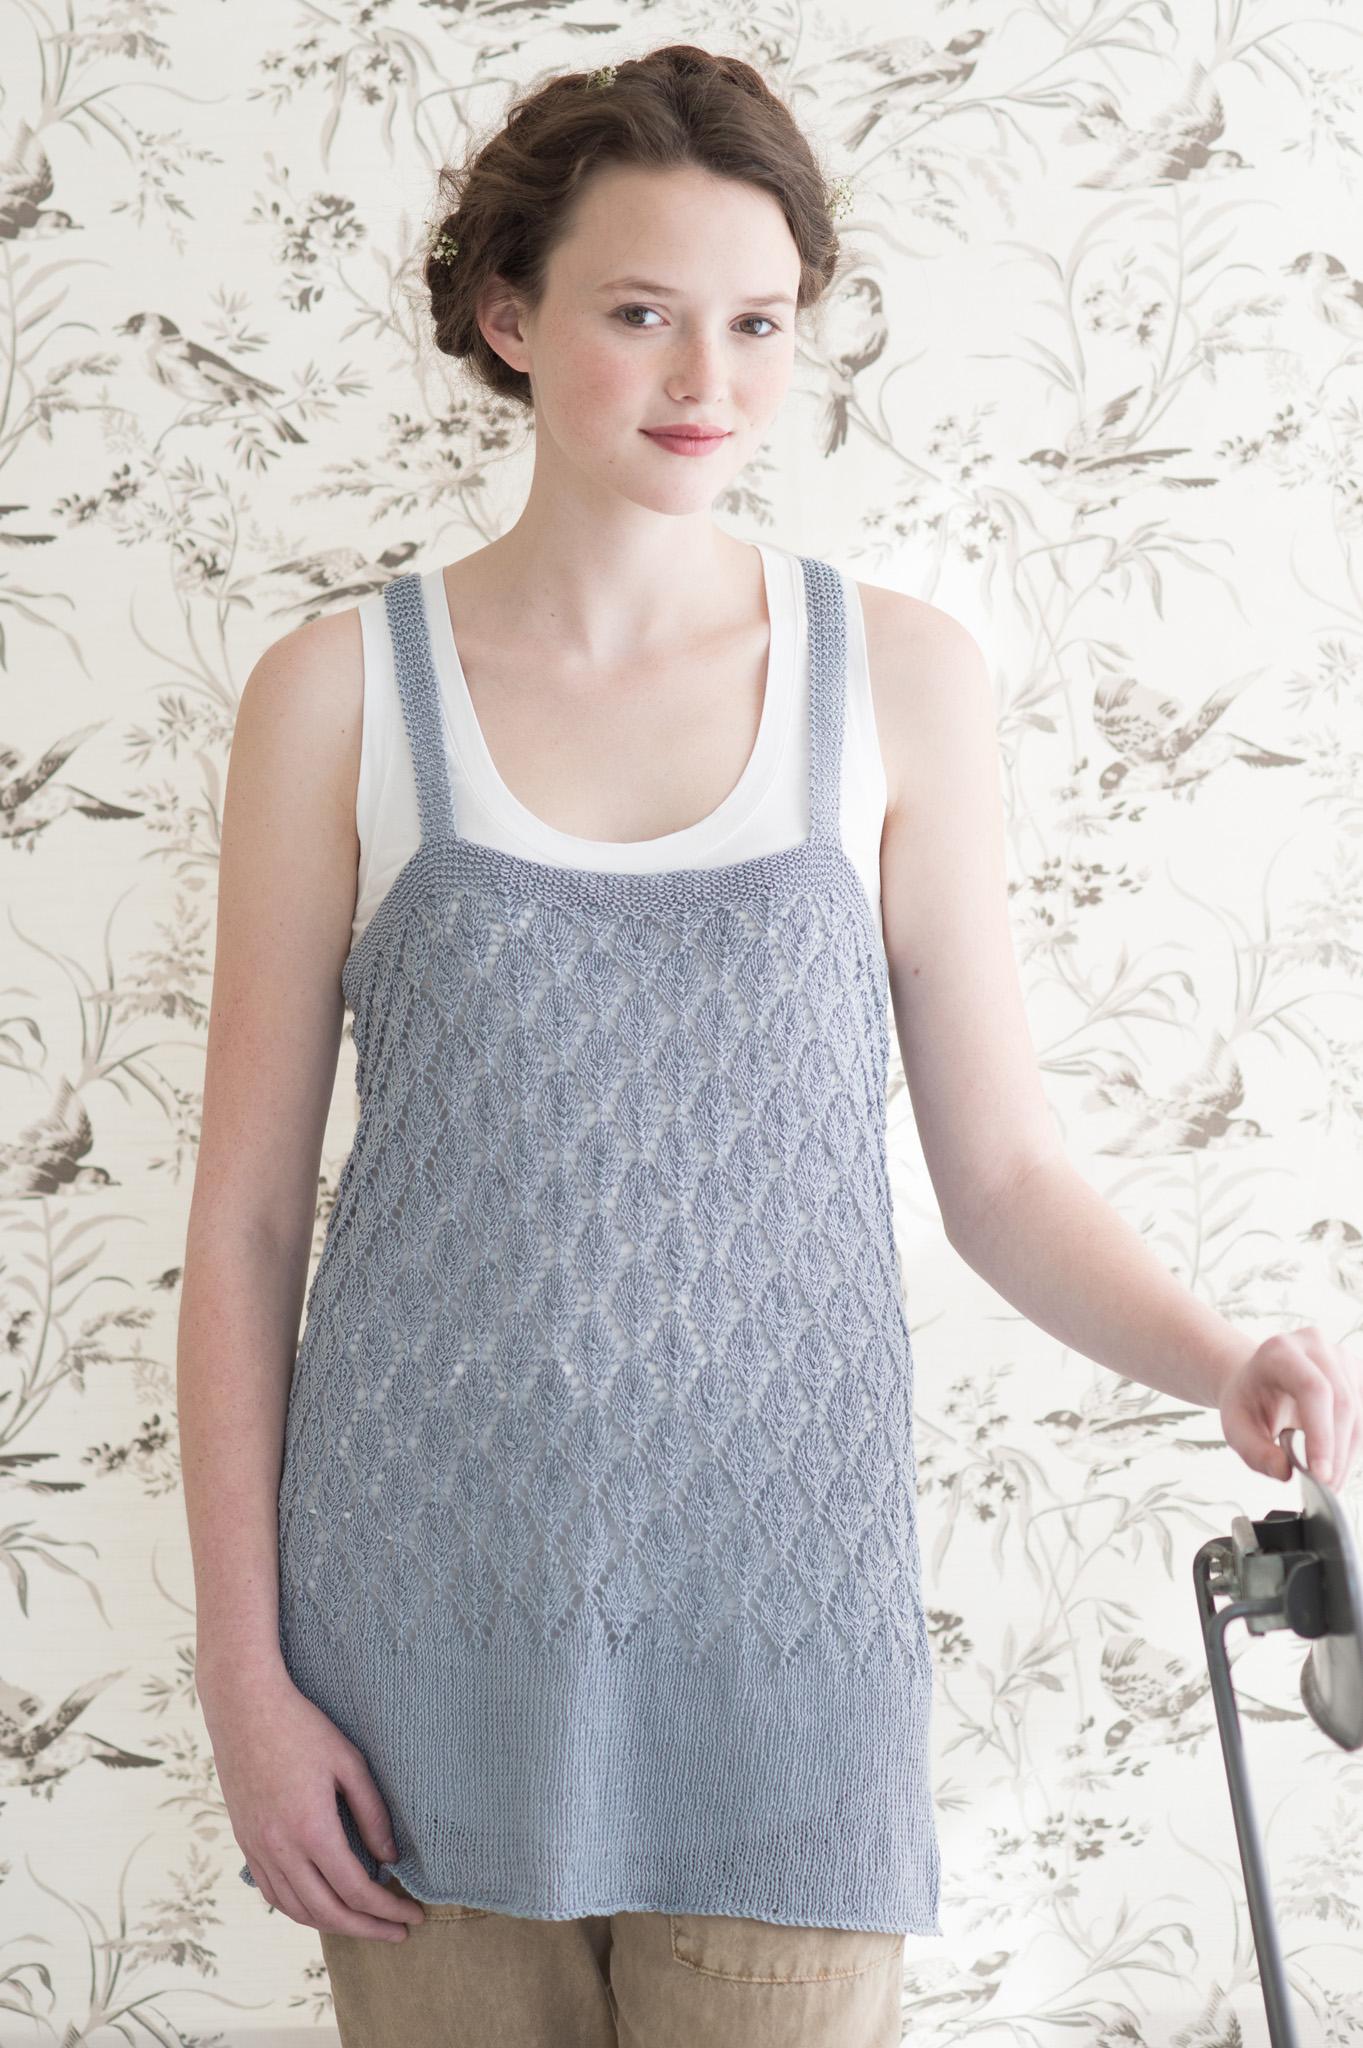 -quince-co-fir cone-pam-allen-knitting-pattern-sparrow-1.jpg